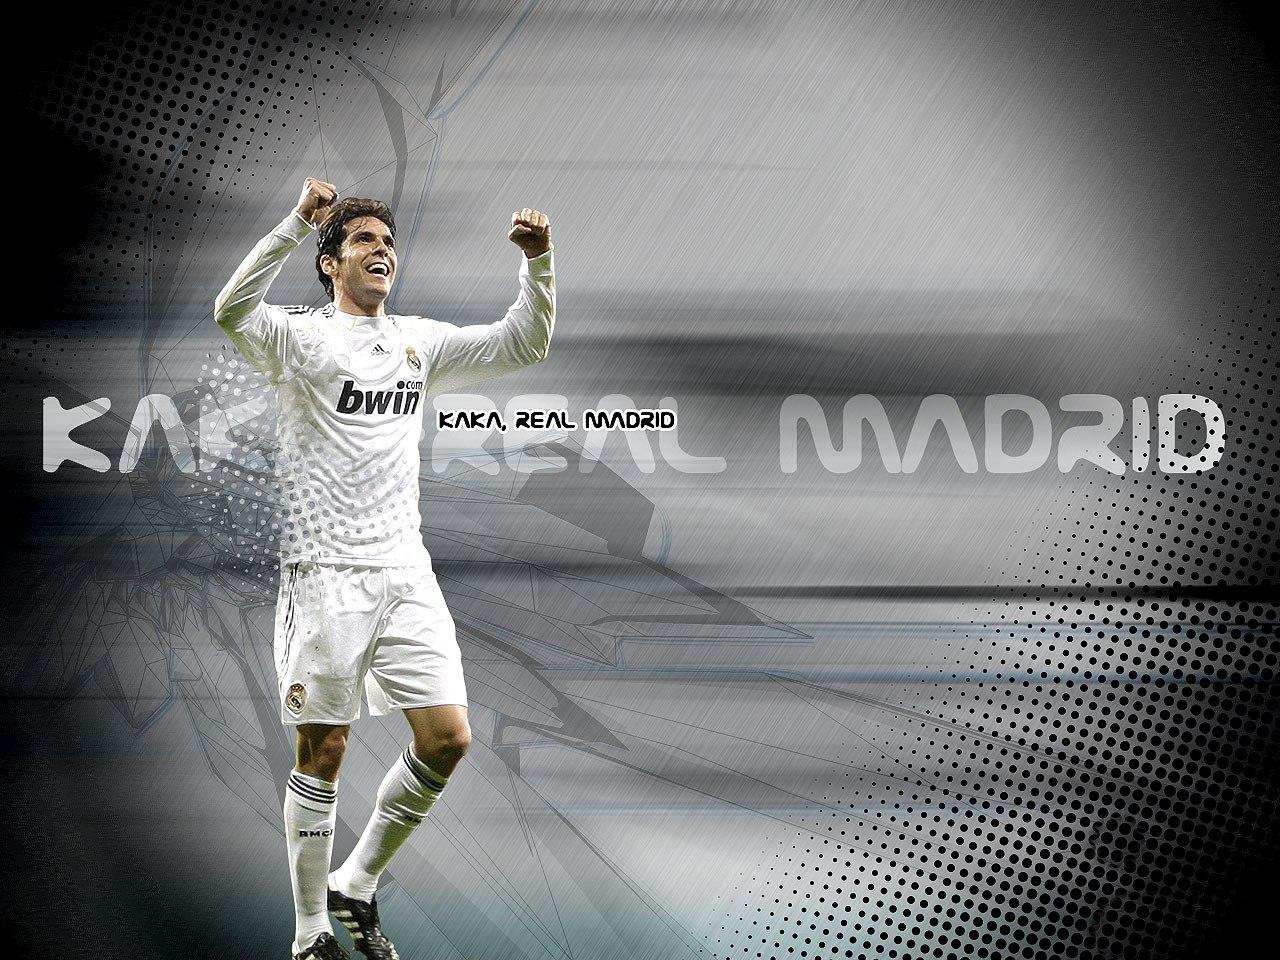 http://1.bp.blogspot.com/-6v4yPFwP6UU/UL-GbesPdoI/AAAAAAAALTM/LCsmfsKWfHo/s1600/Ricardo-Kaka-Real-Madrid-Wallpapers-2012+01.jpg